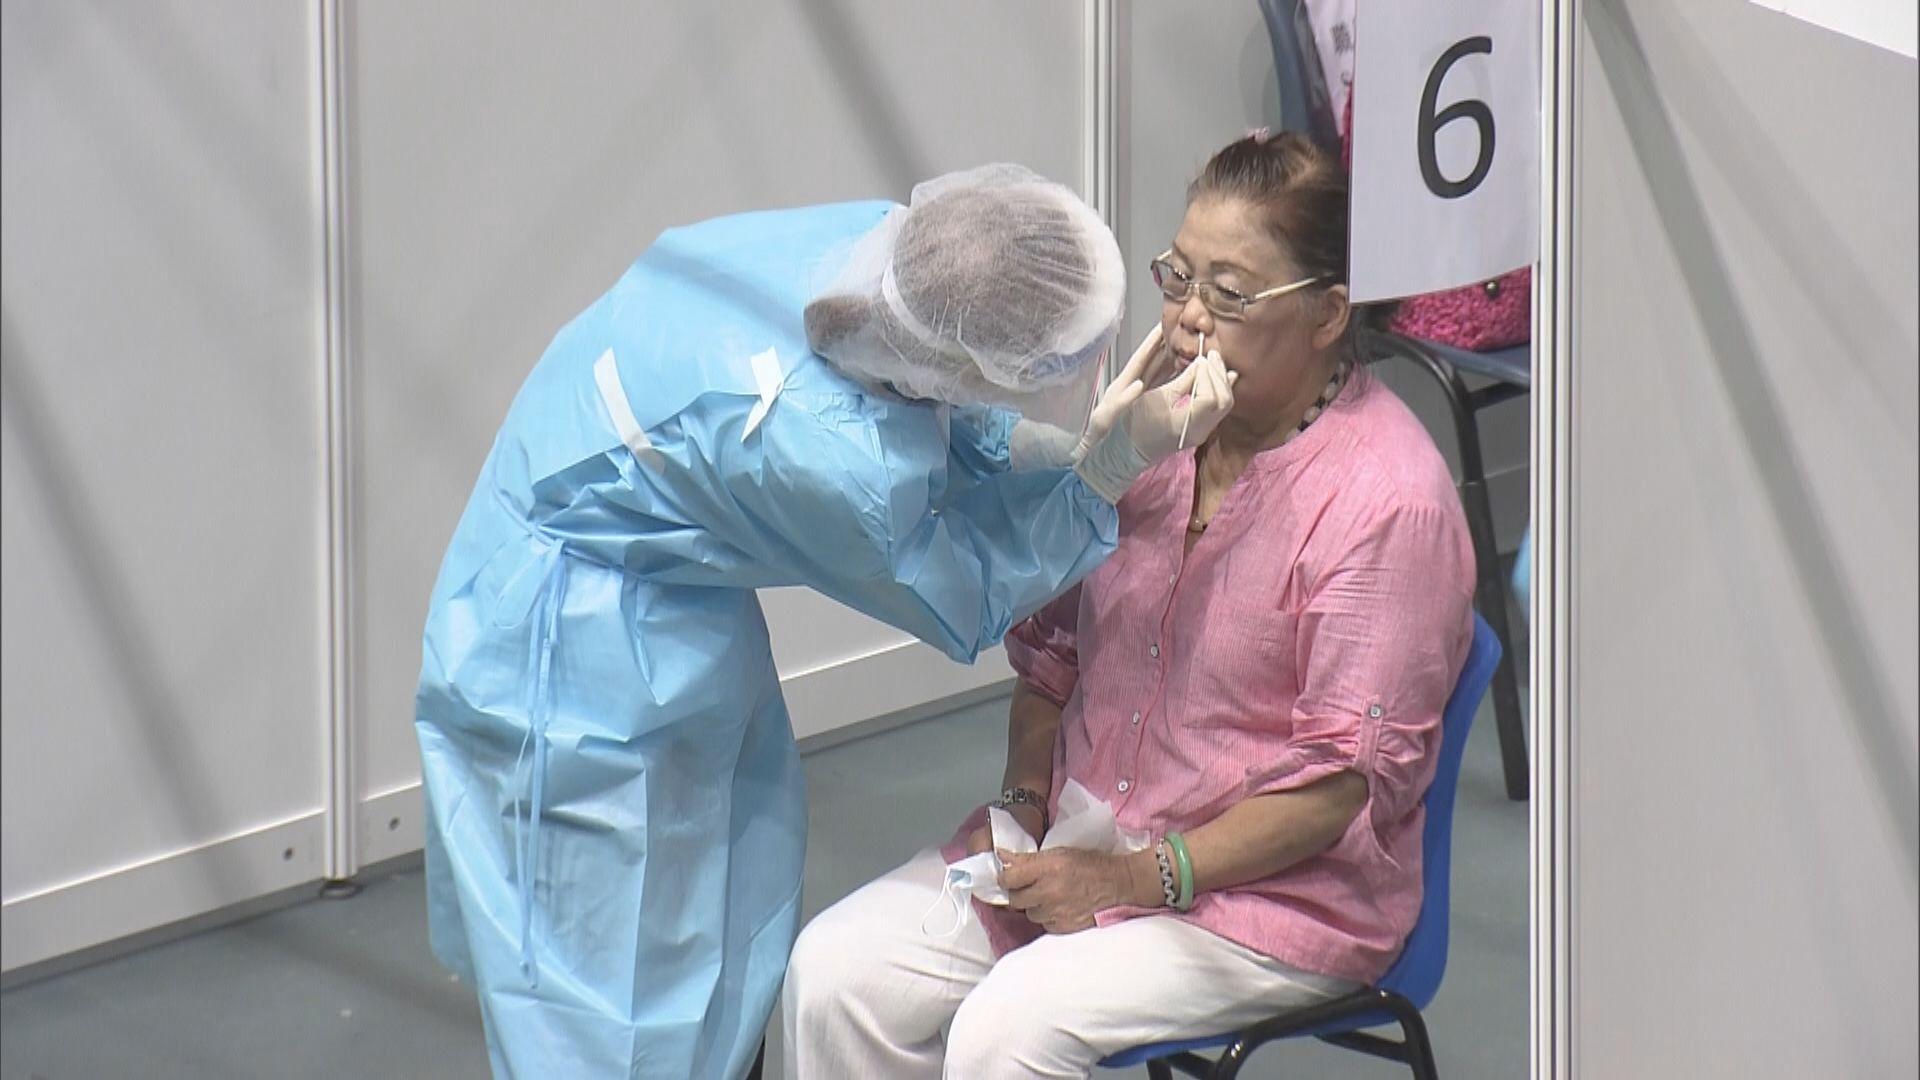 全民檢測較多中年人參與 醫生憂能否全面顯示疫情情況